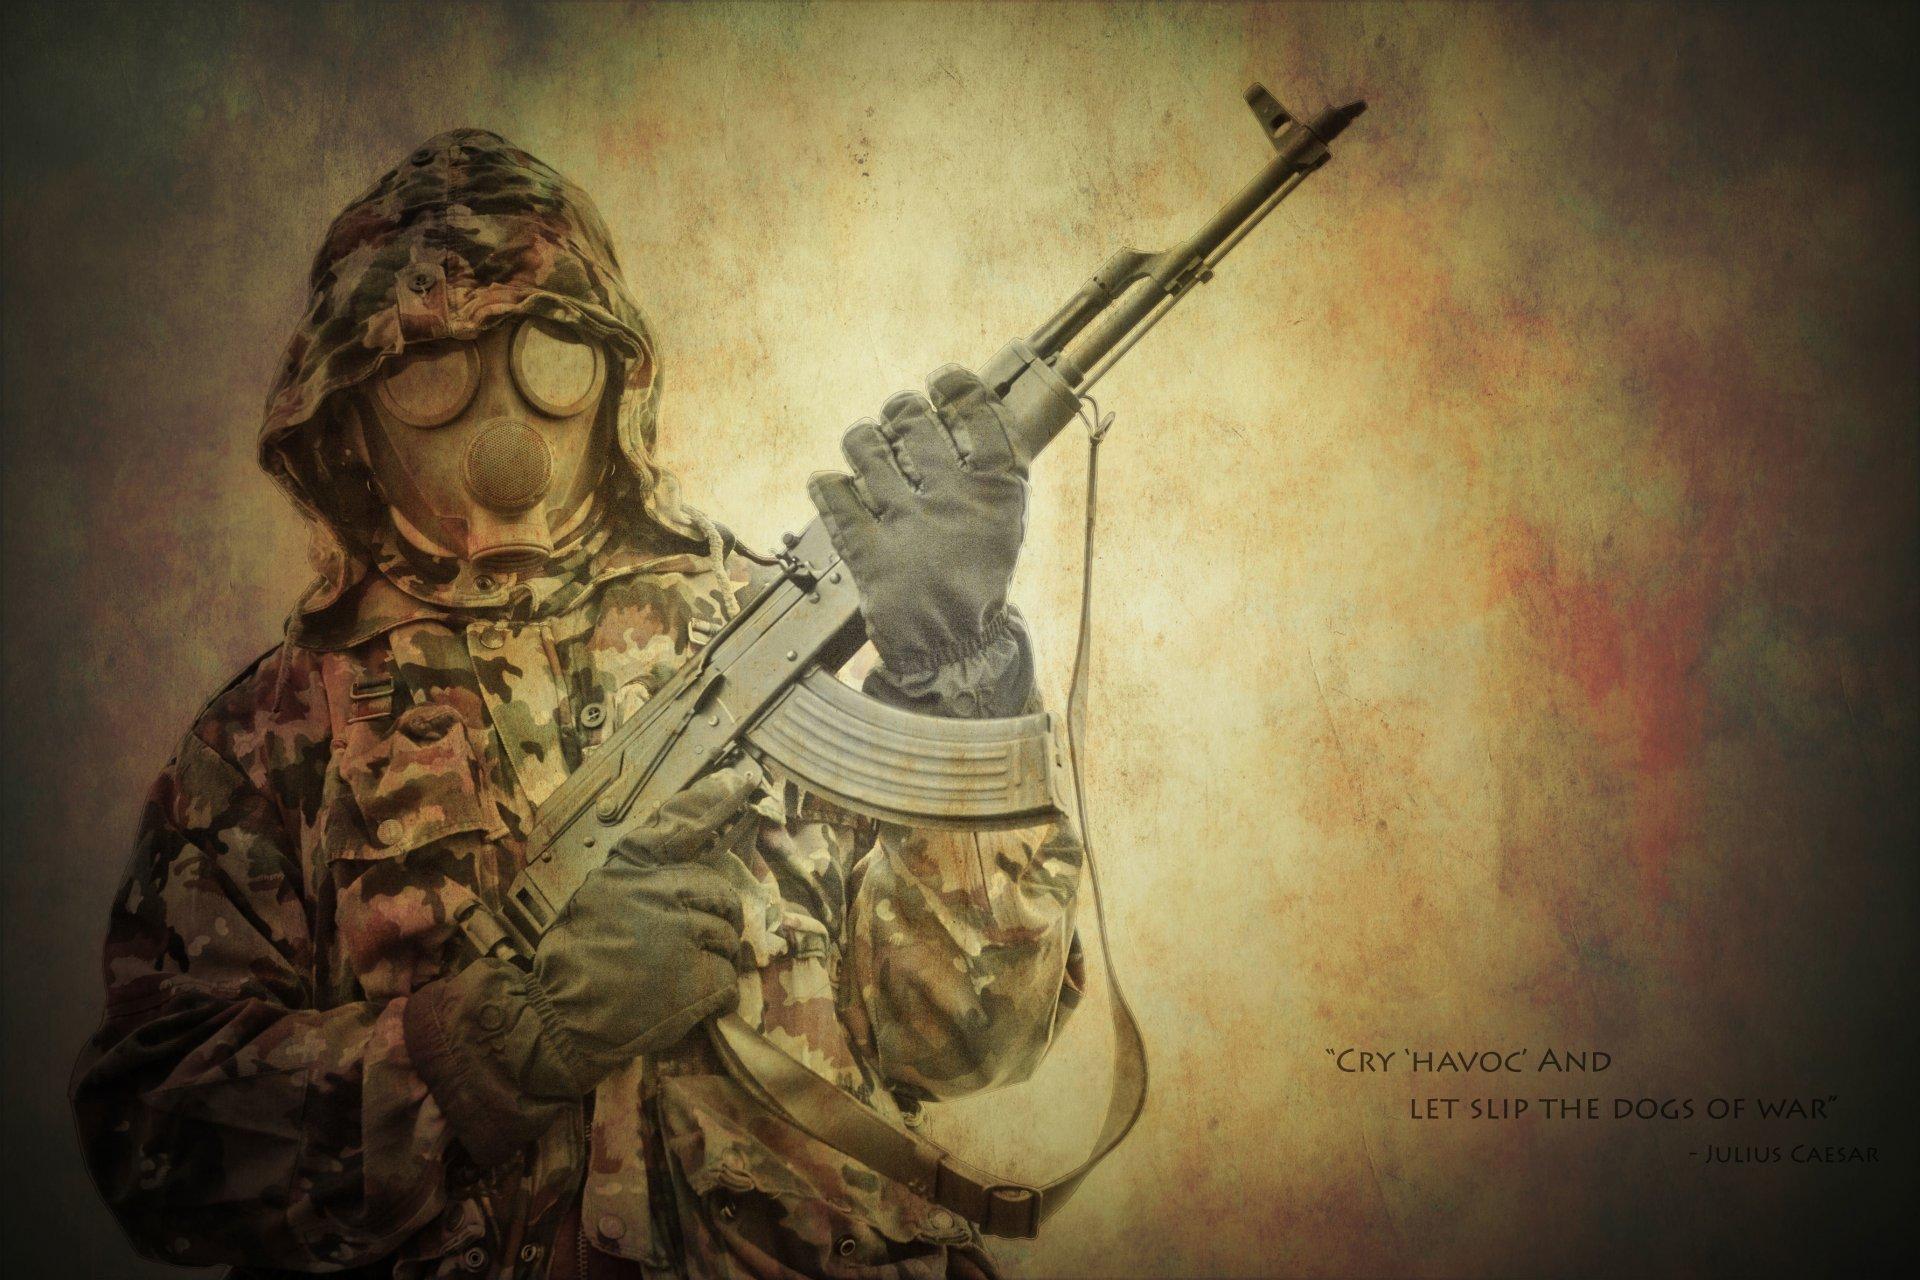 картинки солдат из игр с автоматом калашникова мире